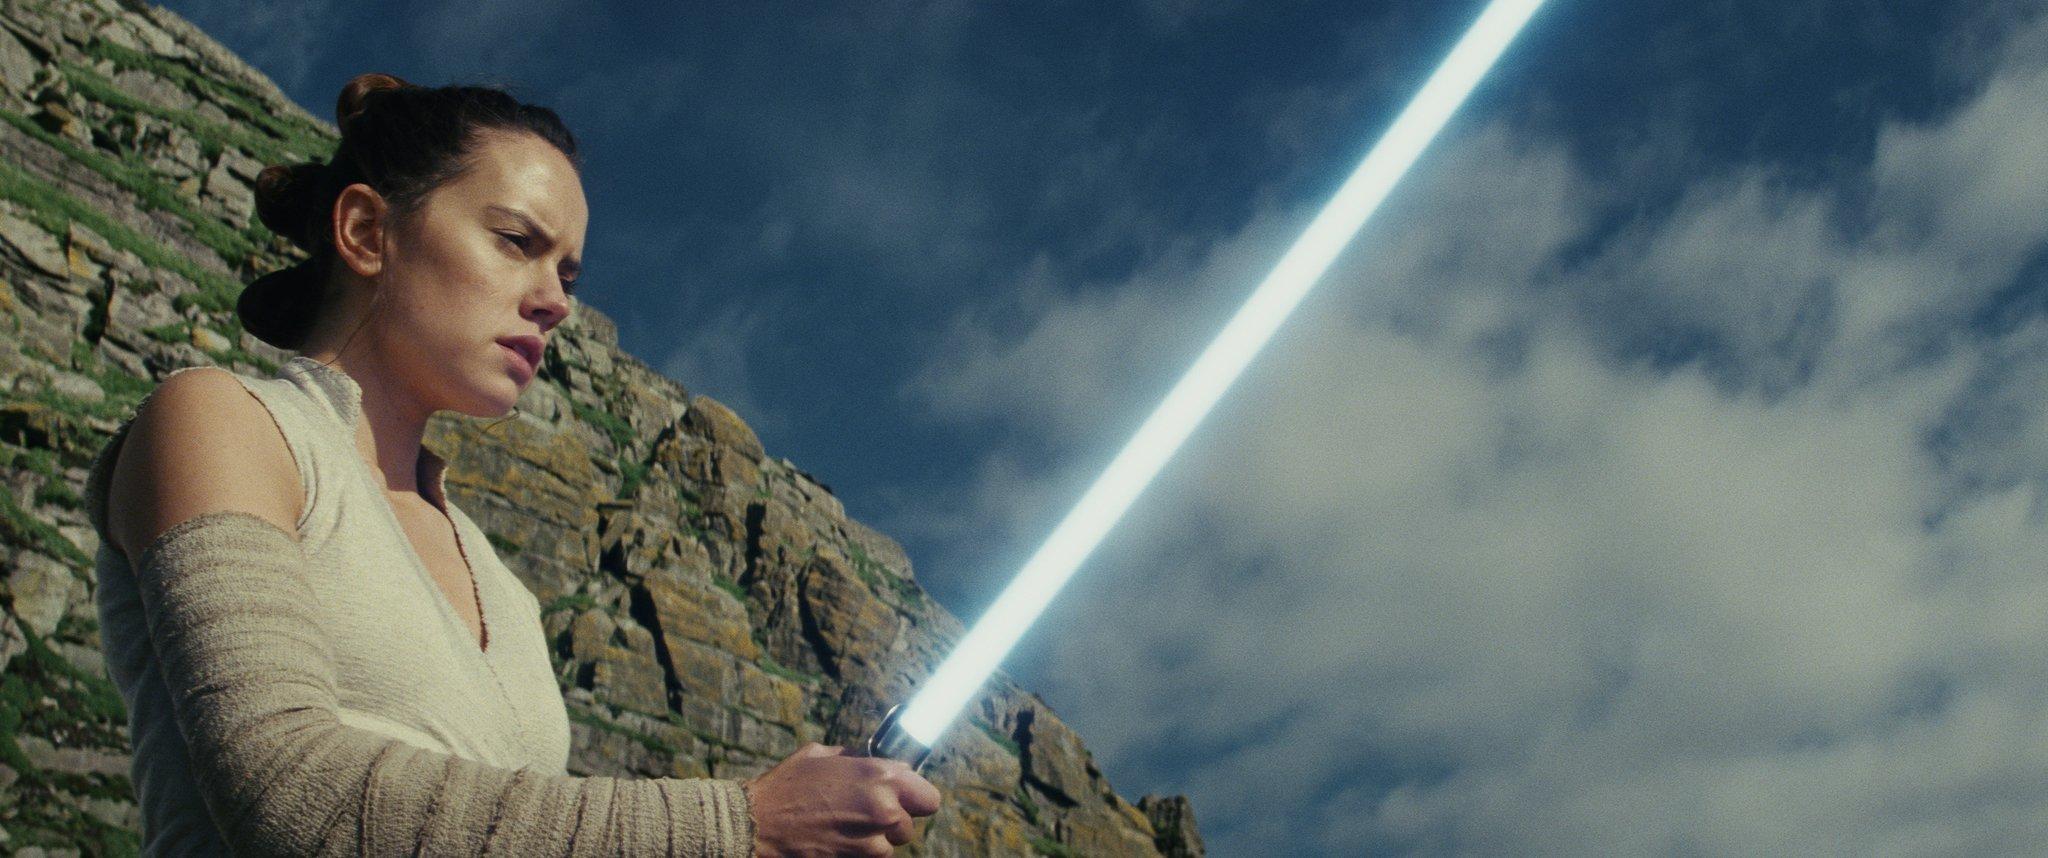 Photo du film Star Wars: Les Derniers Jedi avec Rey et son sabre-laser